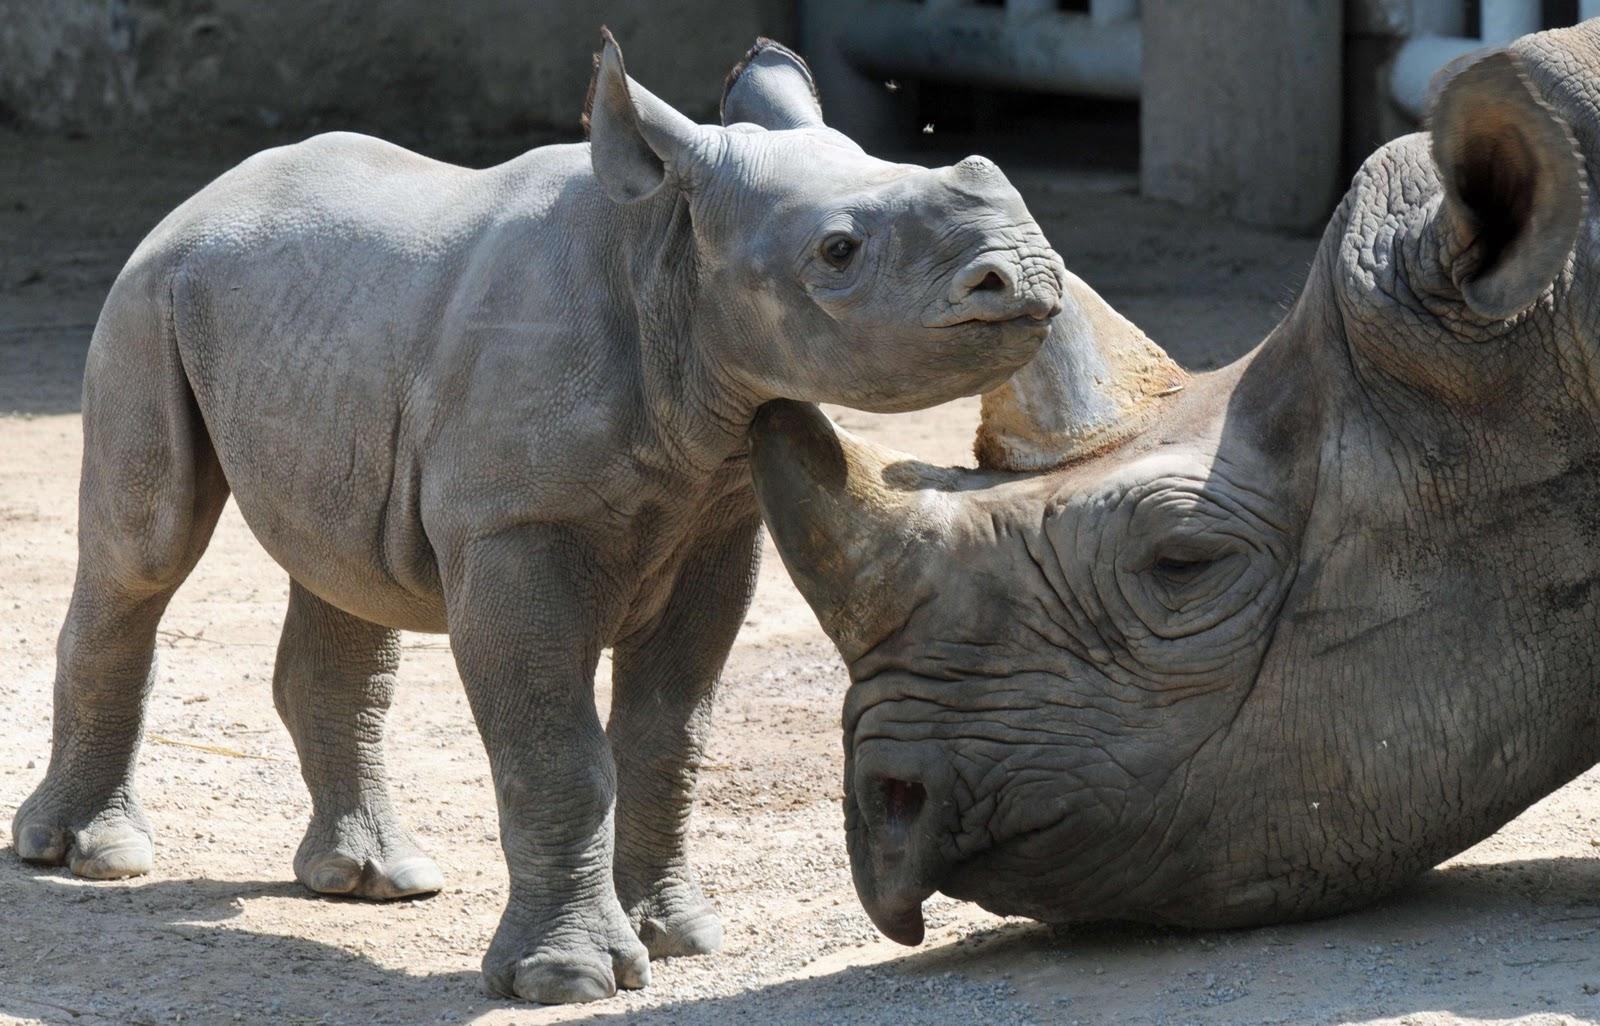 baby rhino new stylish wallpaper